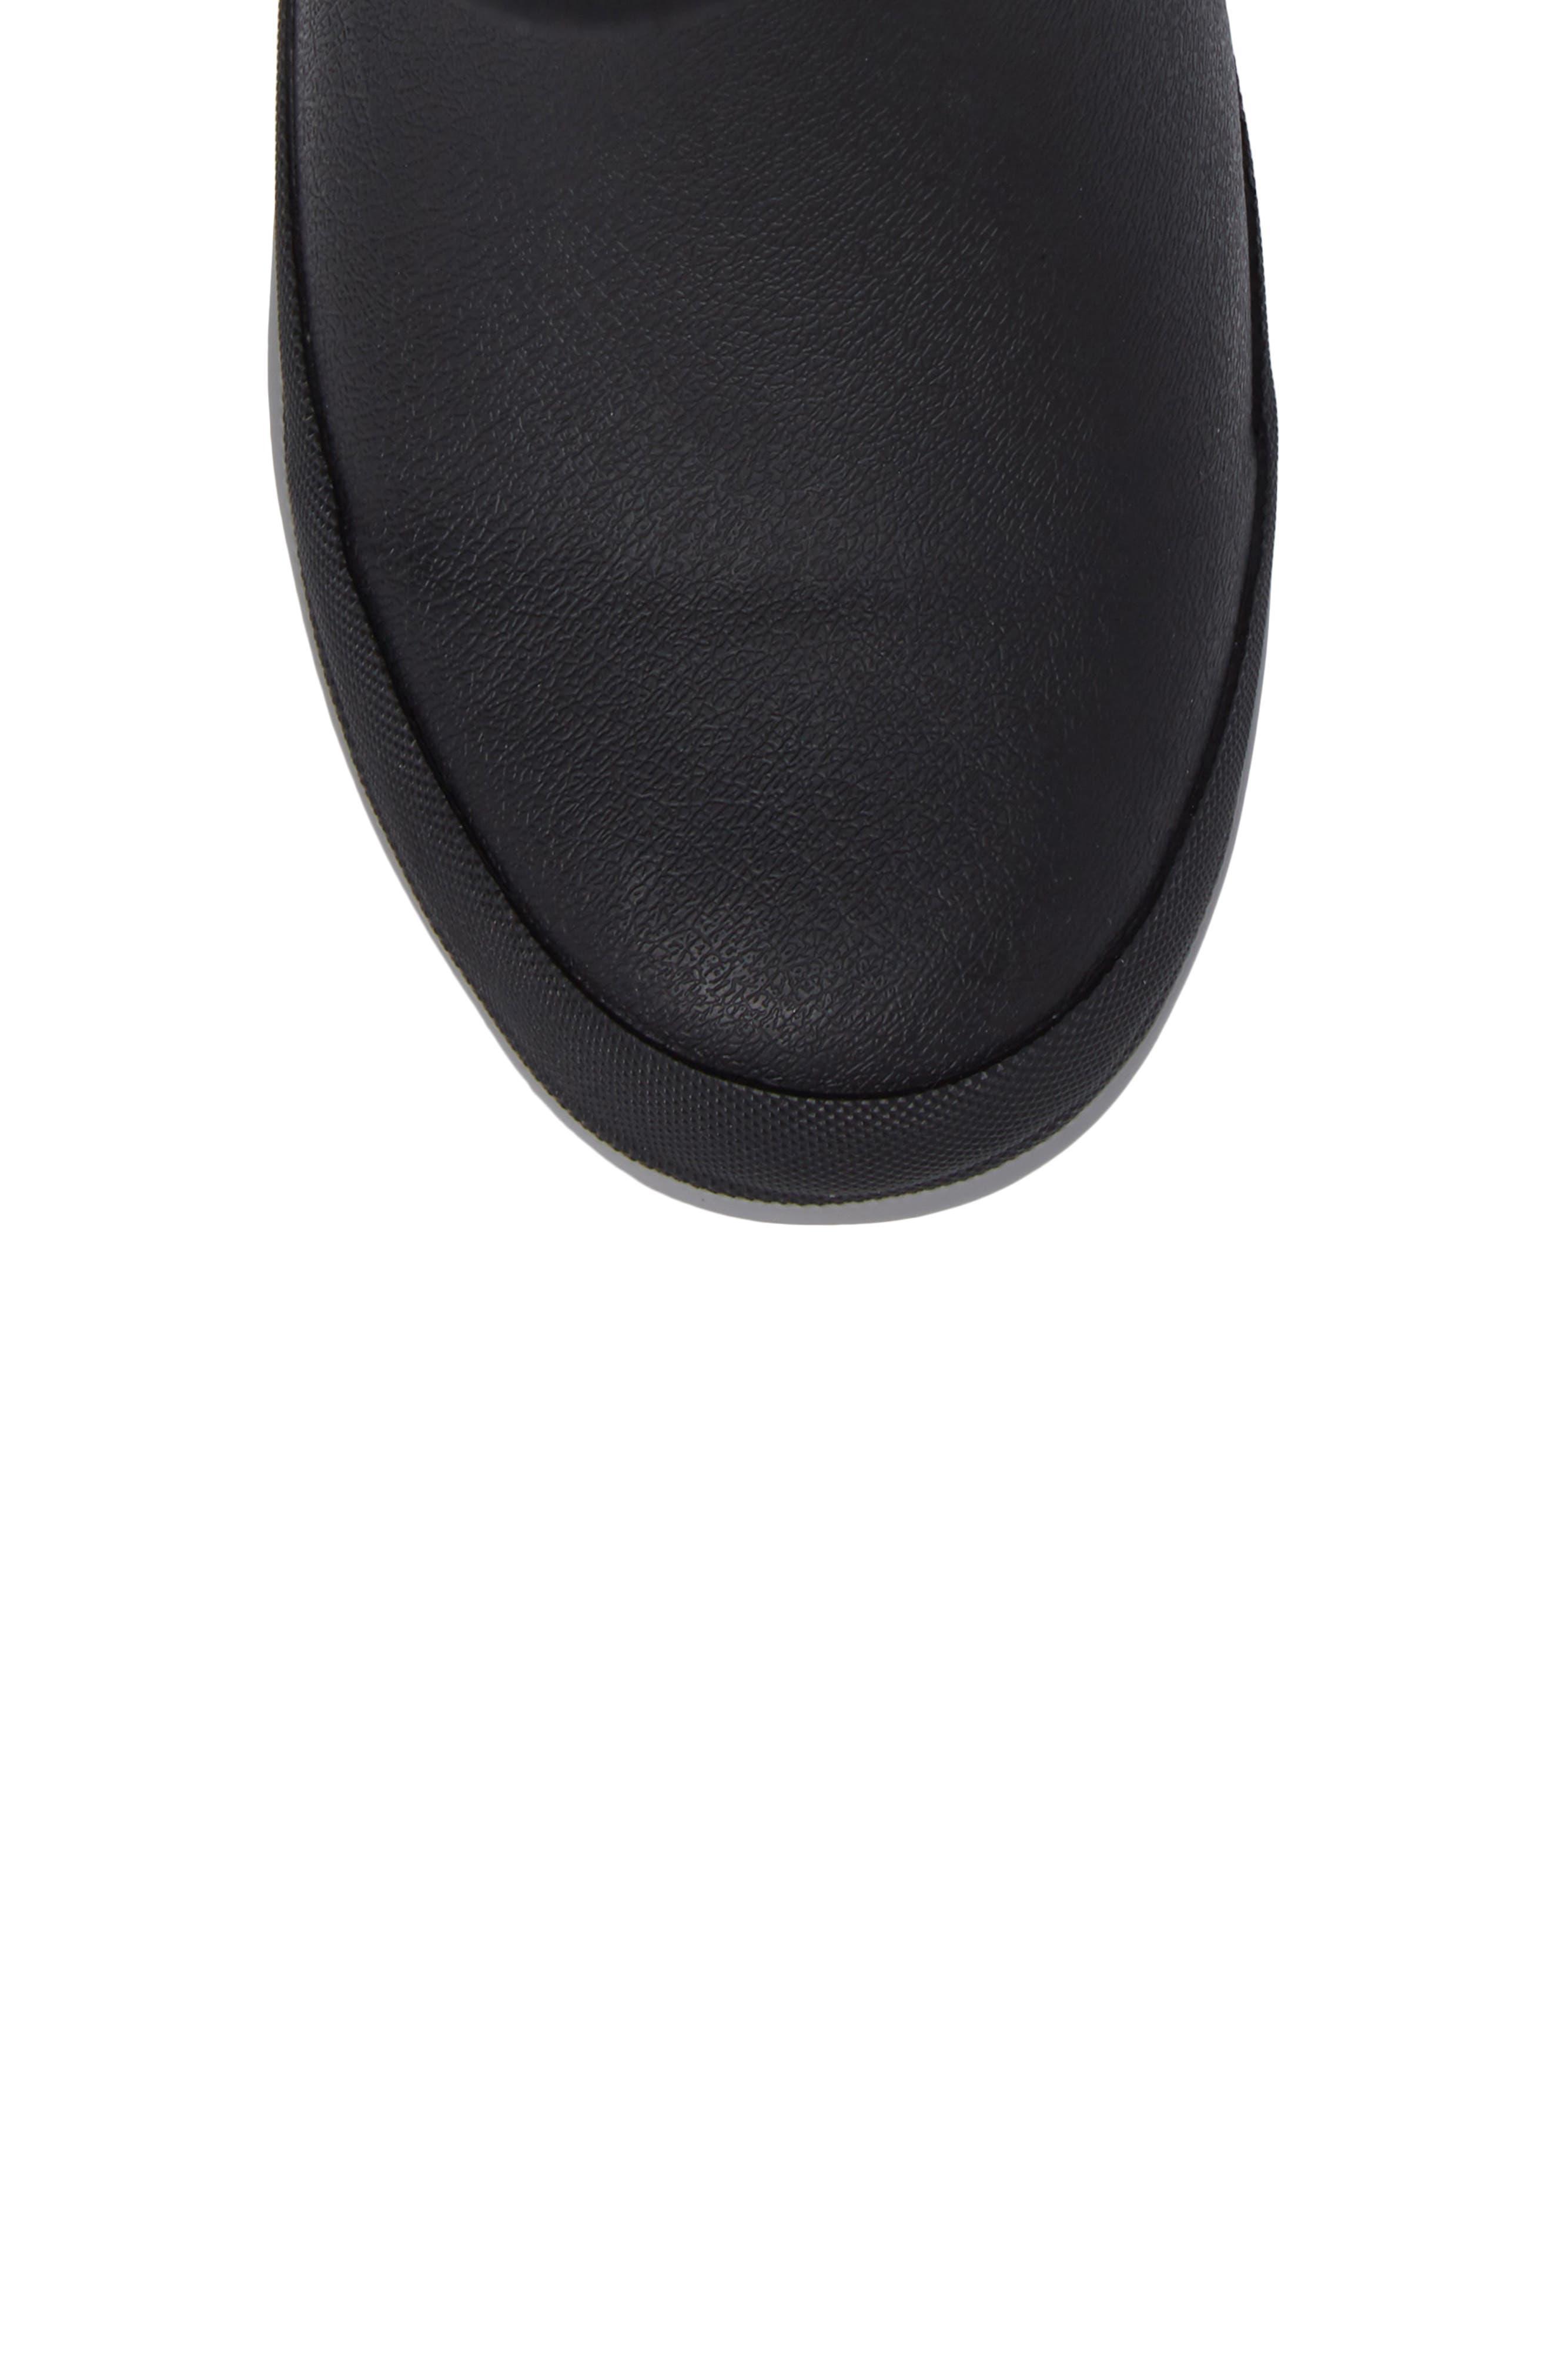 Neoprene Insulated Boot,                             Alternate thumbnail 5, color,                             Black